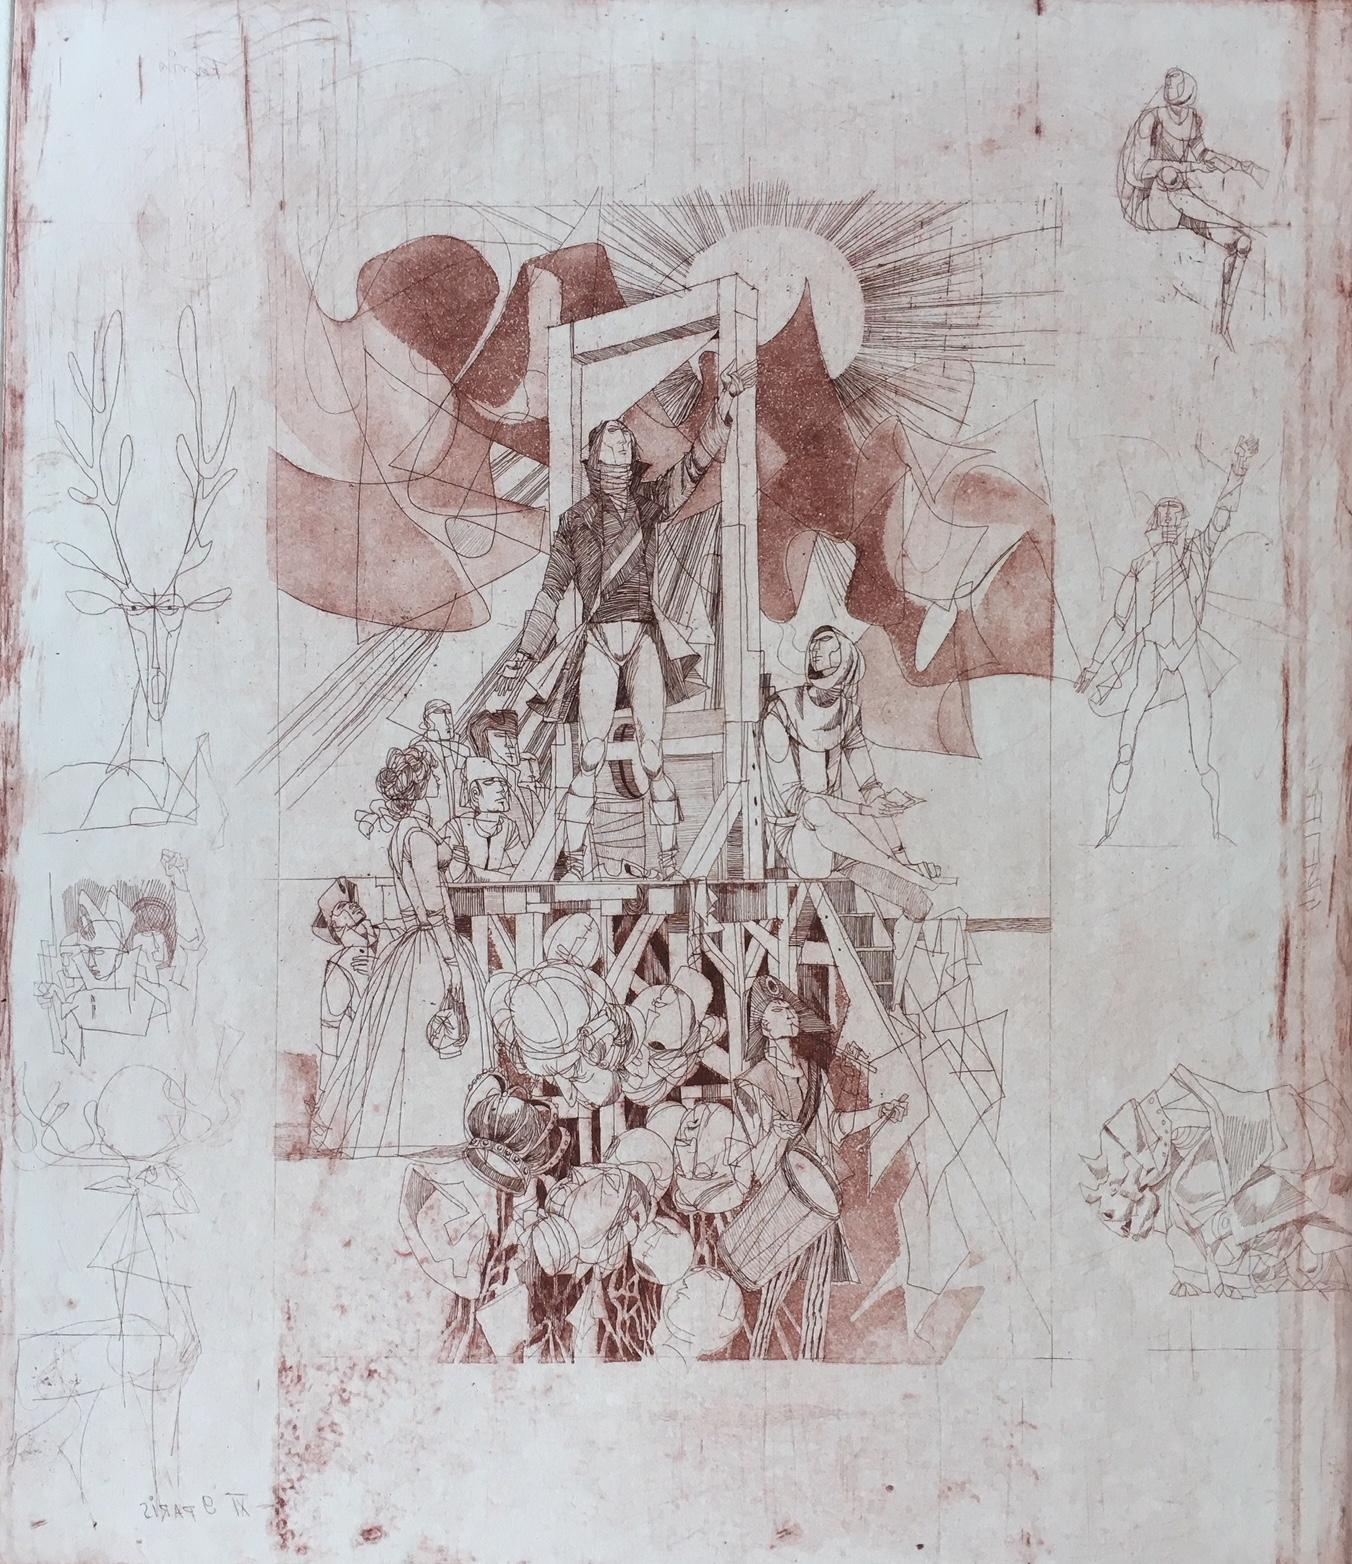 Kass, János: The Tragedy of Man IX.